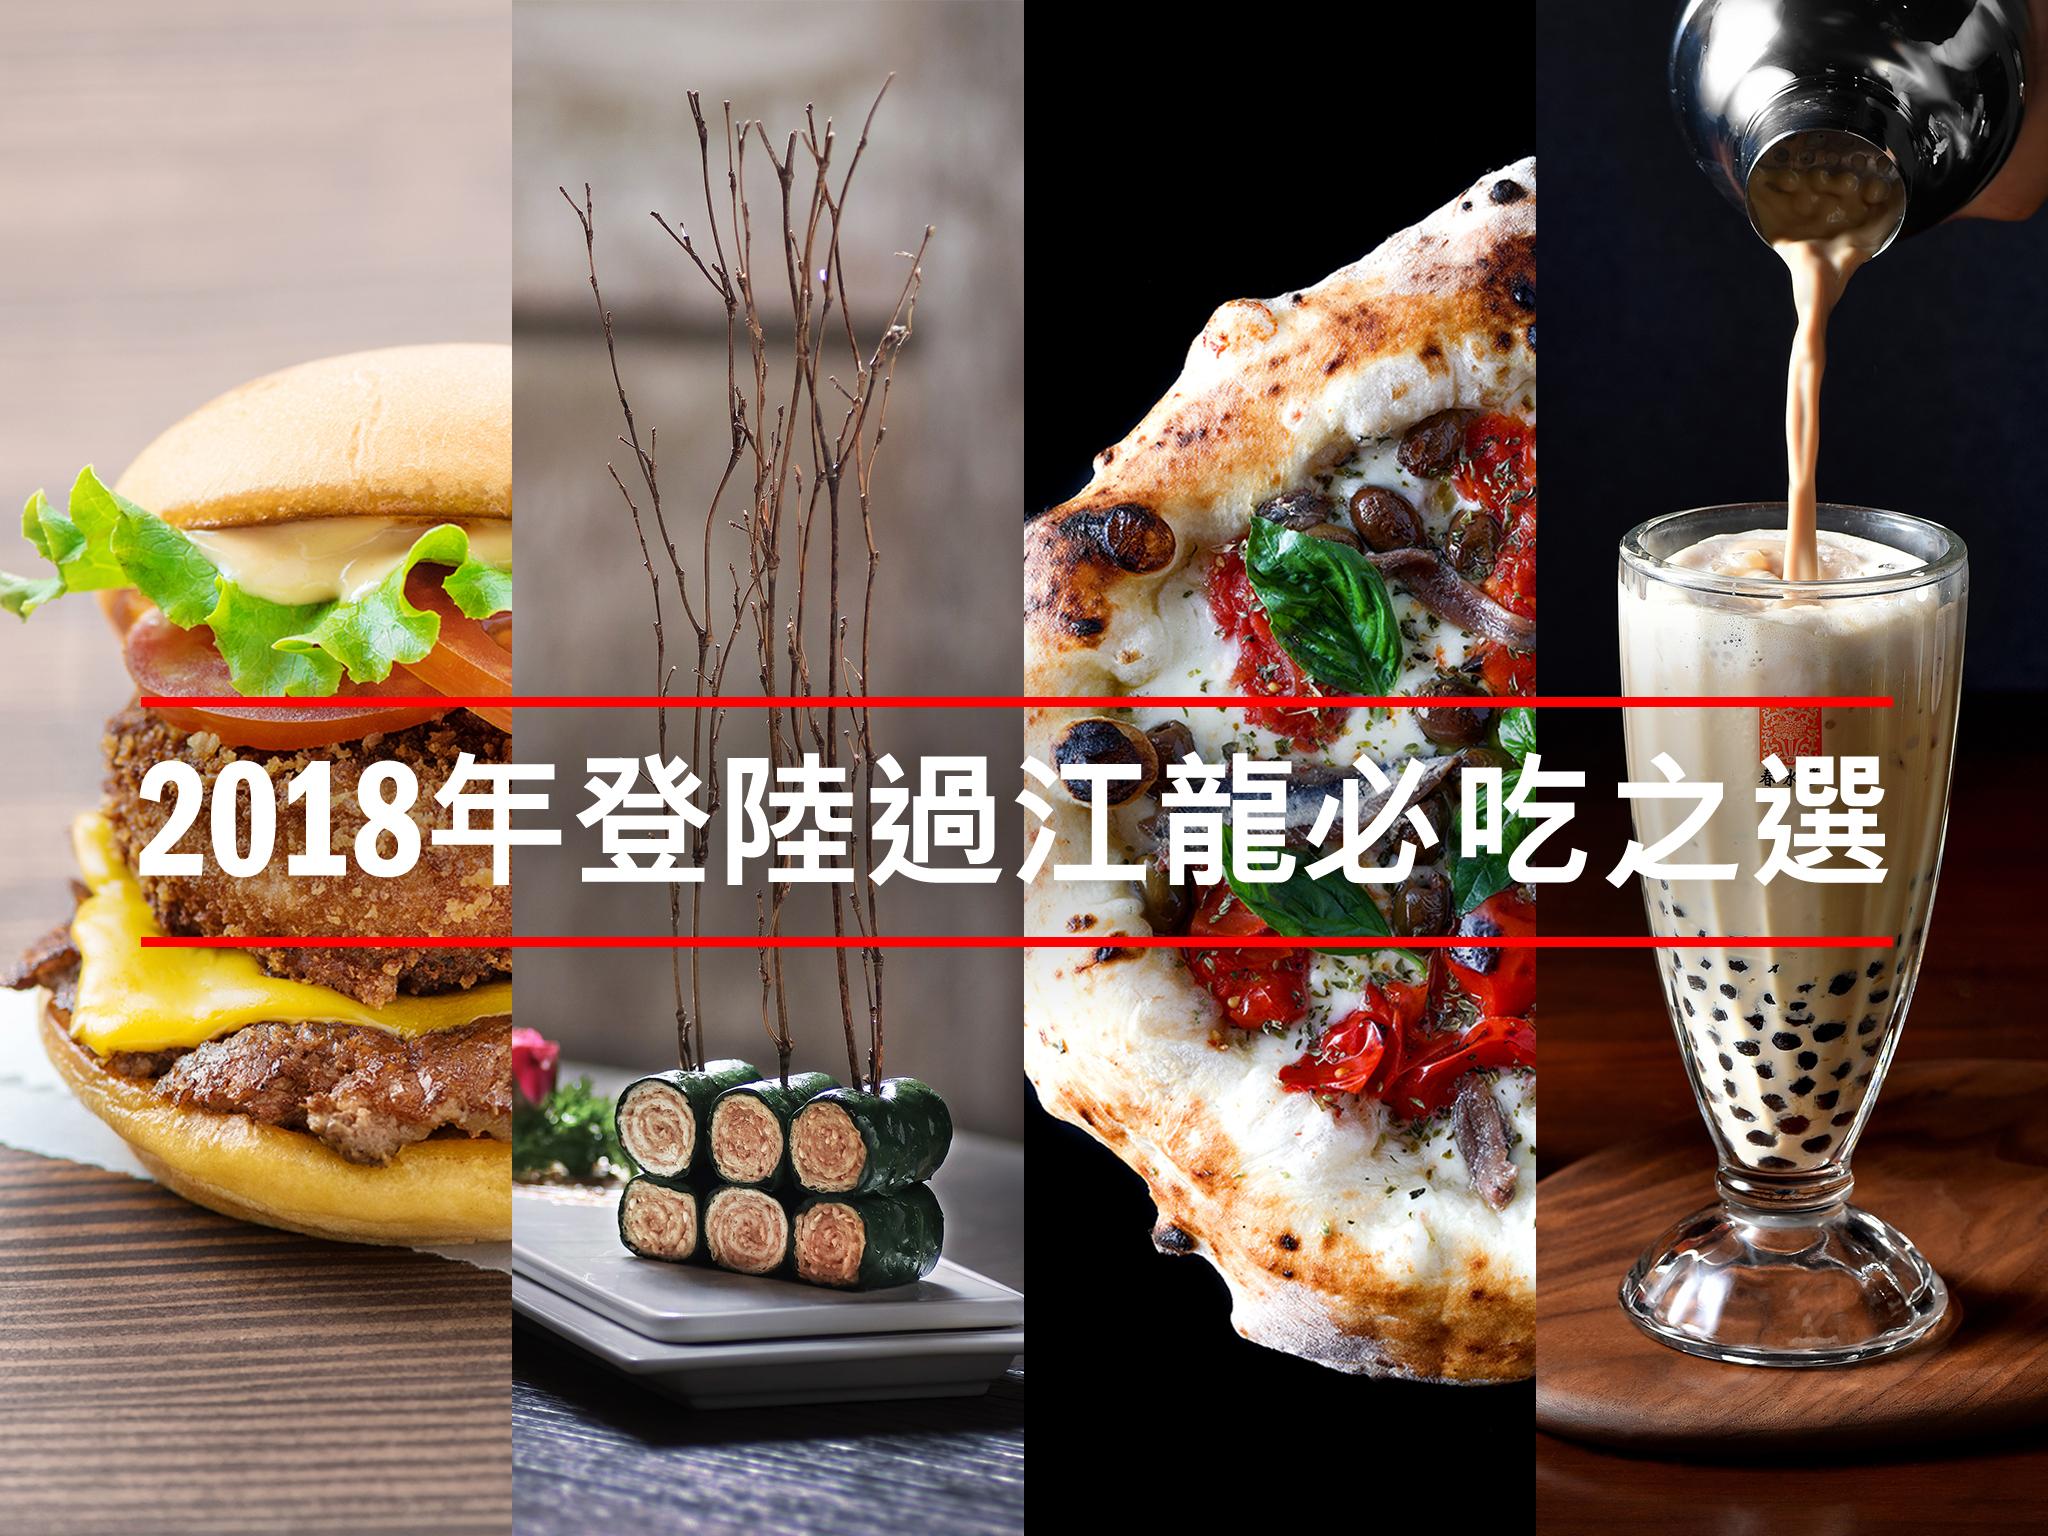 2018年登陸過江龍 十大必吃之選